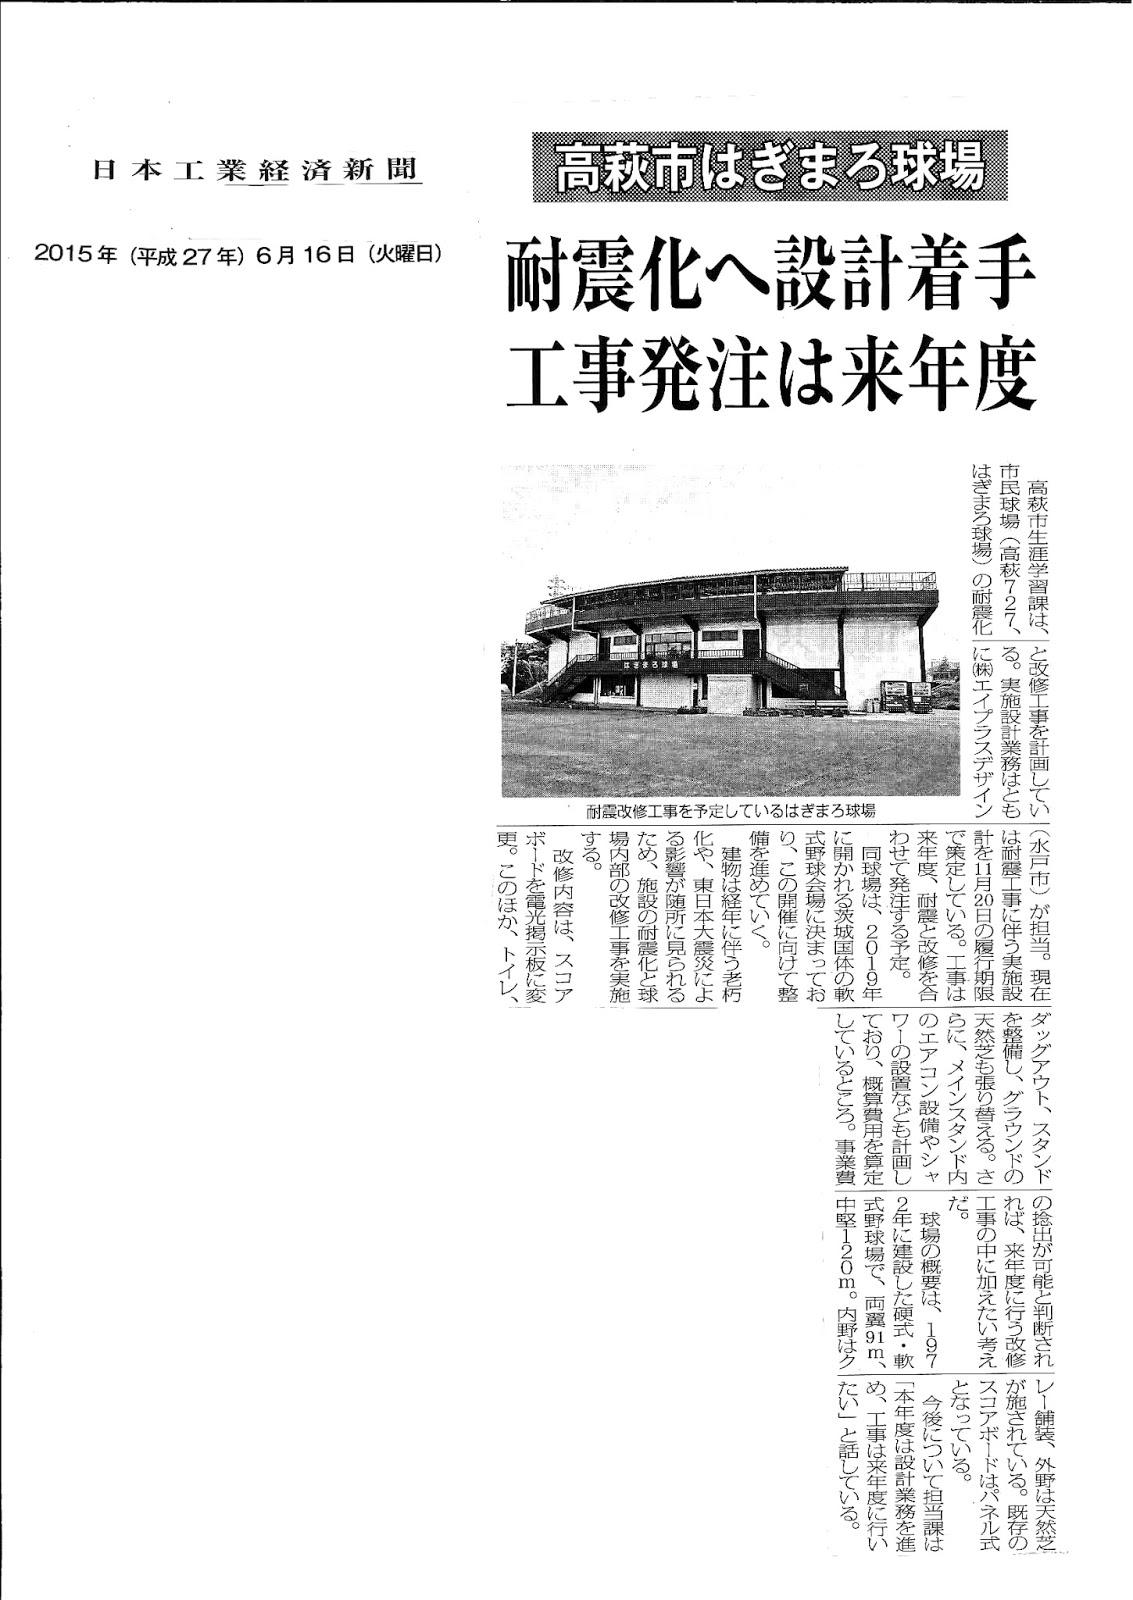 日本 工業 経済 新聞